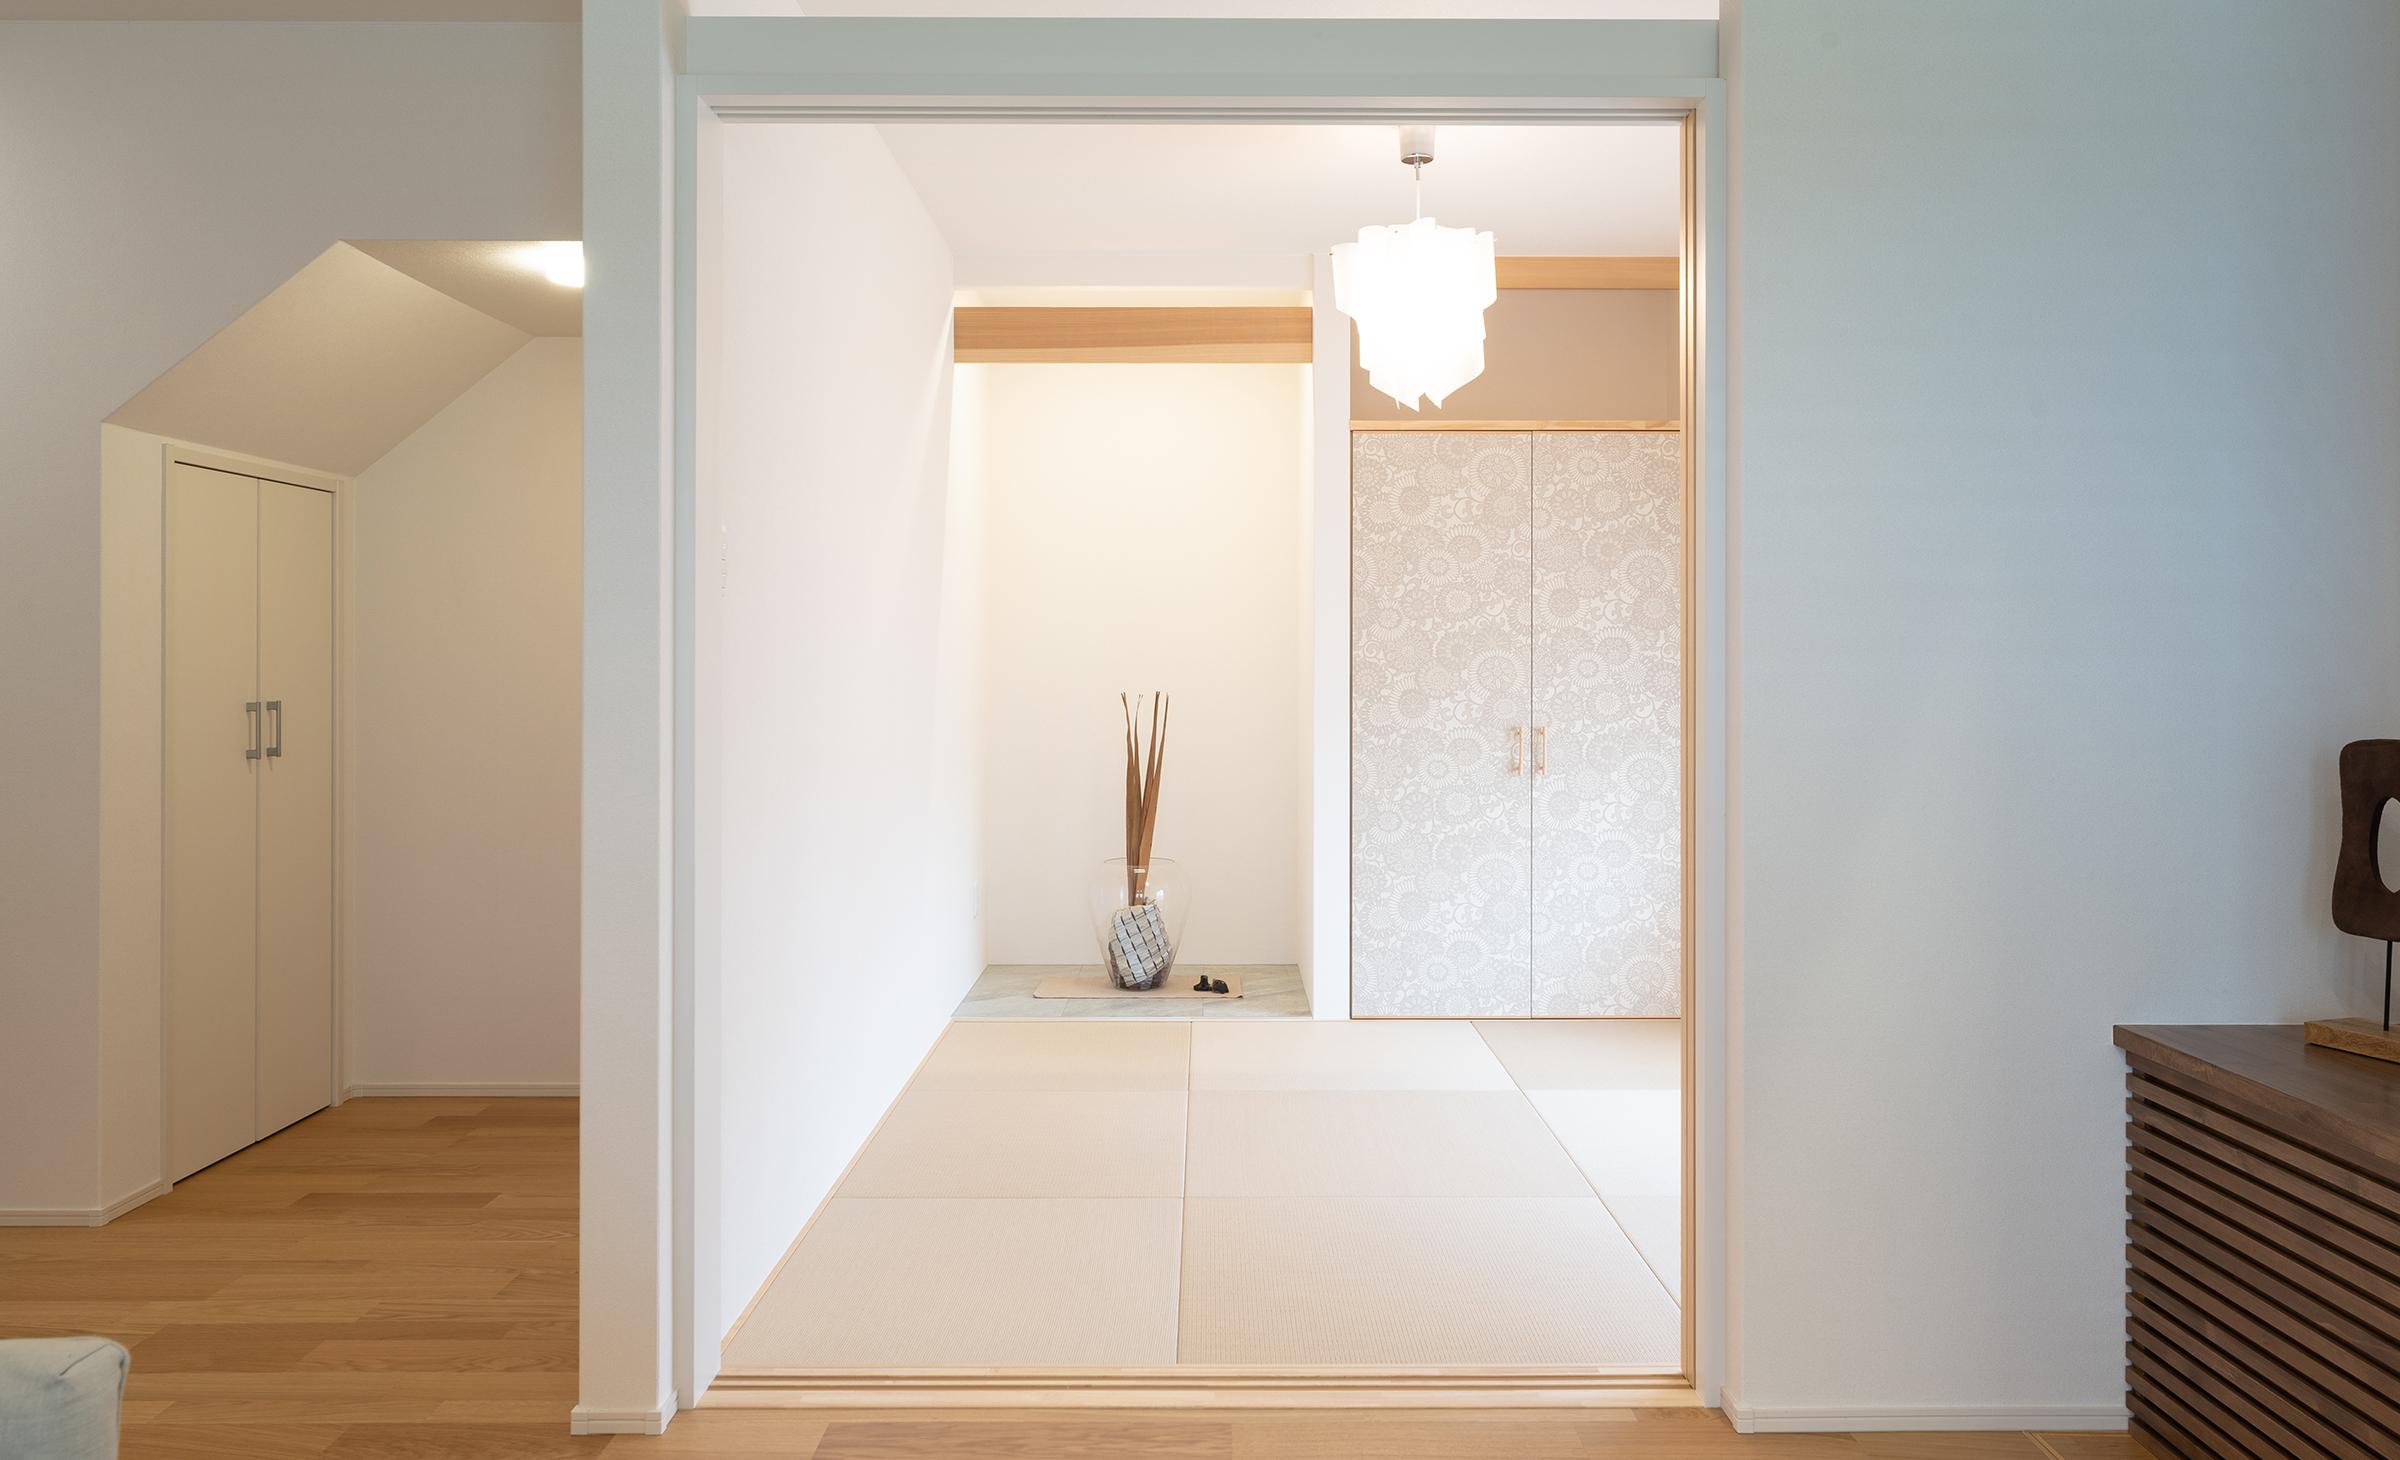 十和田市-内覧会「展望大窓のある家」03